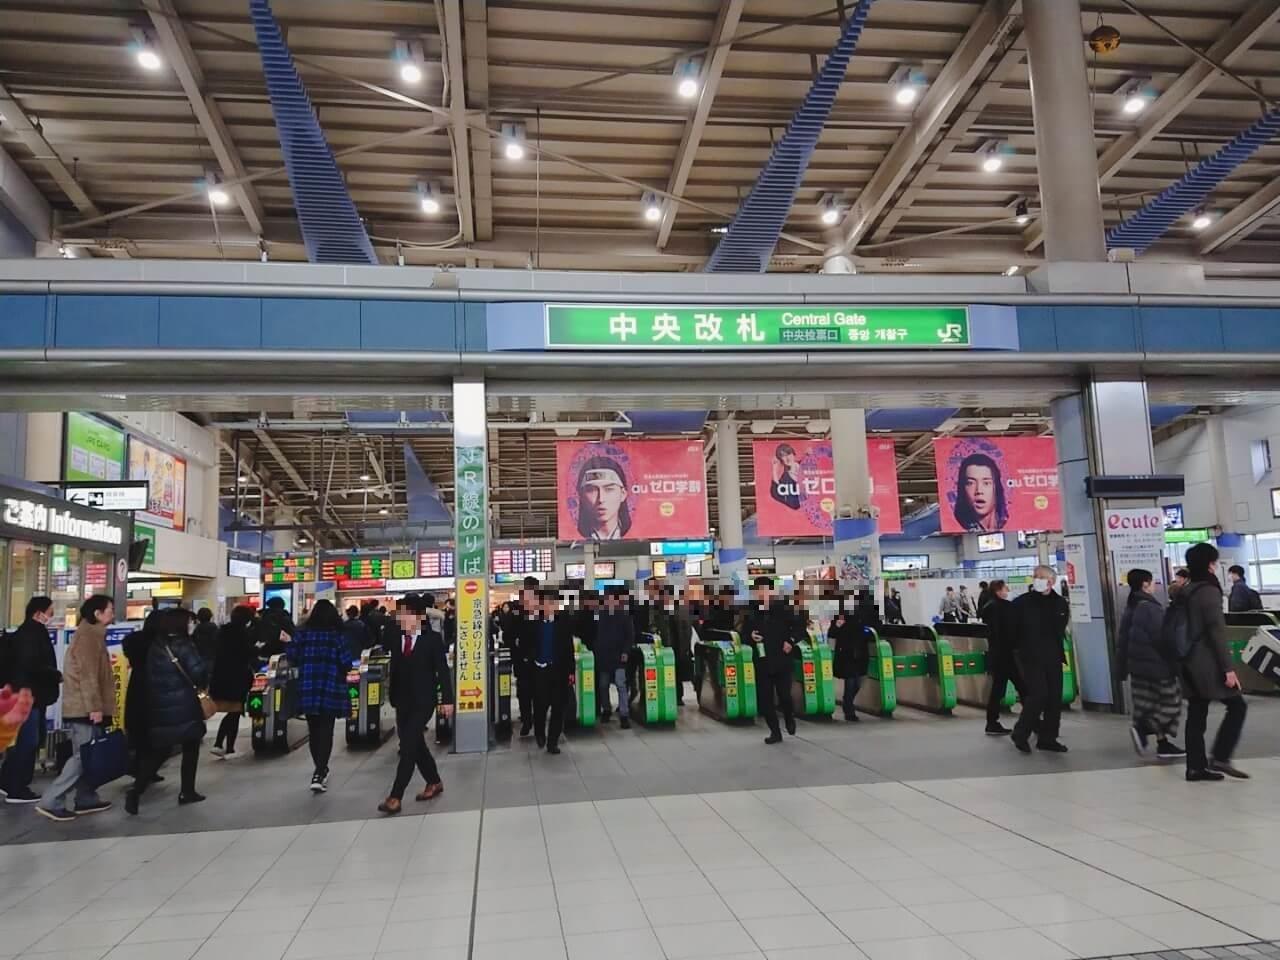 品川駅中央改札の様子